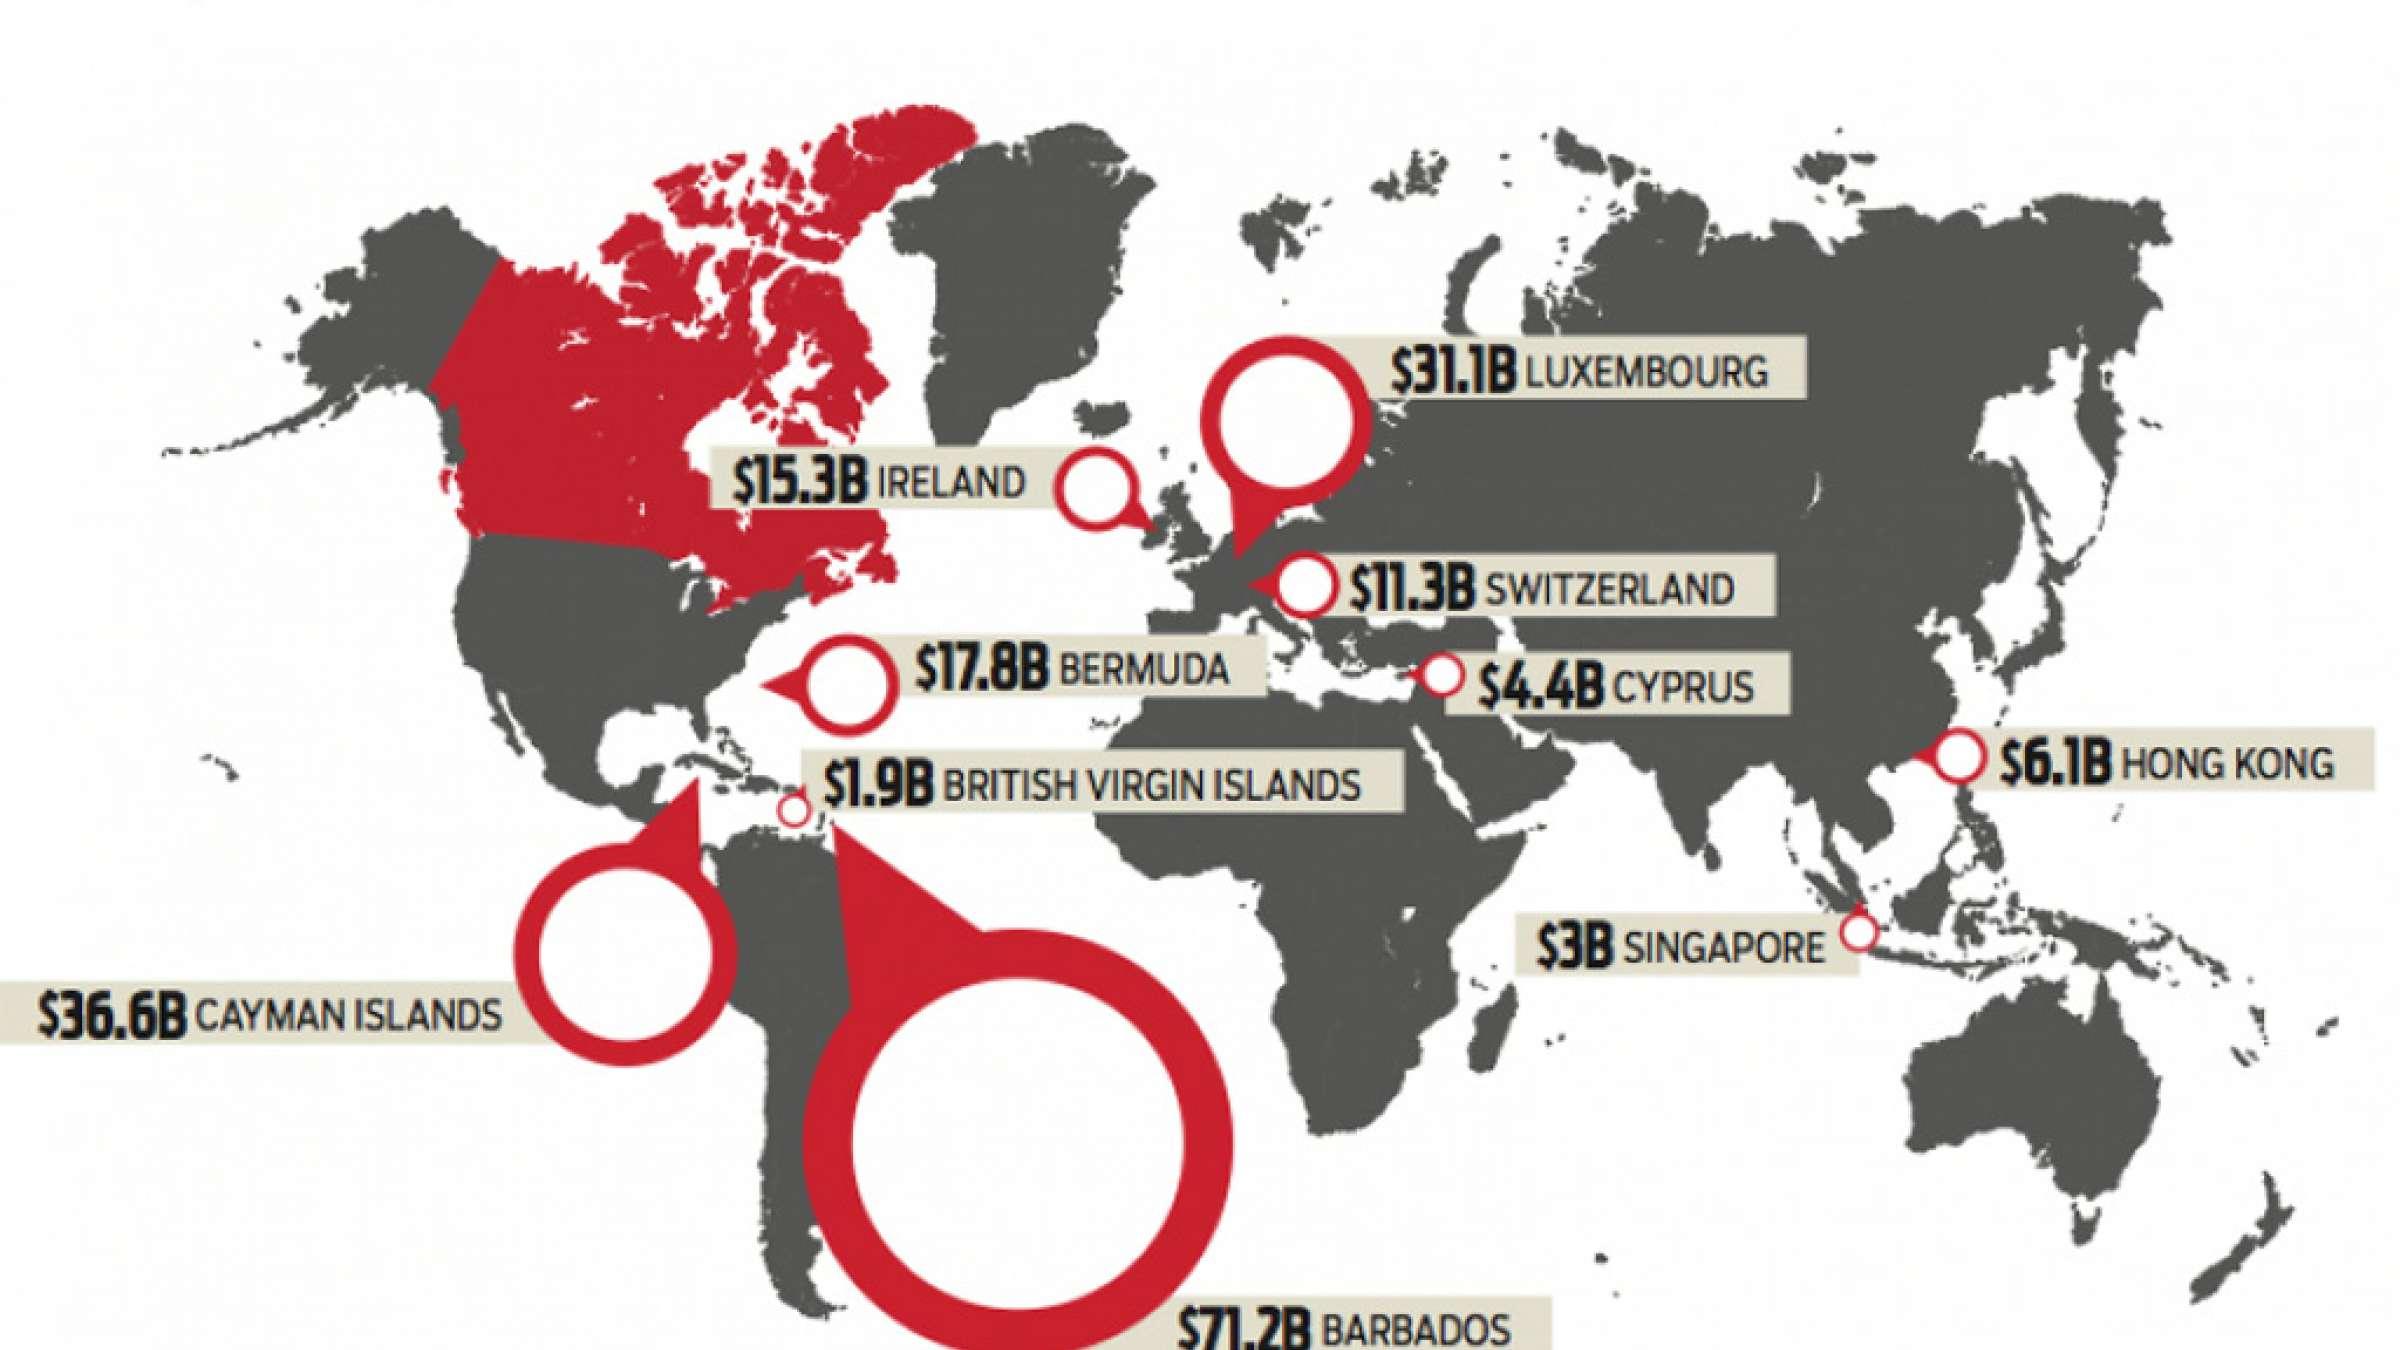 فرار-کمپانیهای-کانادایی-از-پرداخت-مالیات-کانادا-اخبار